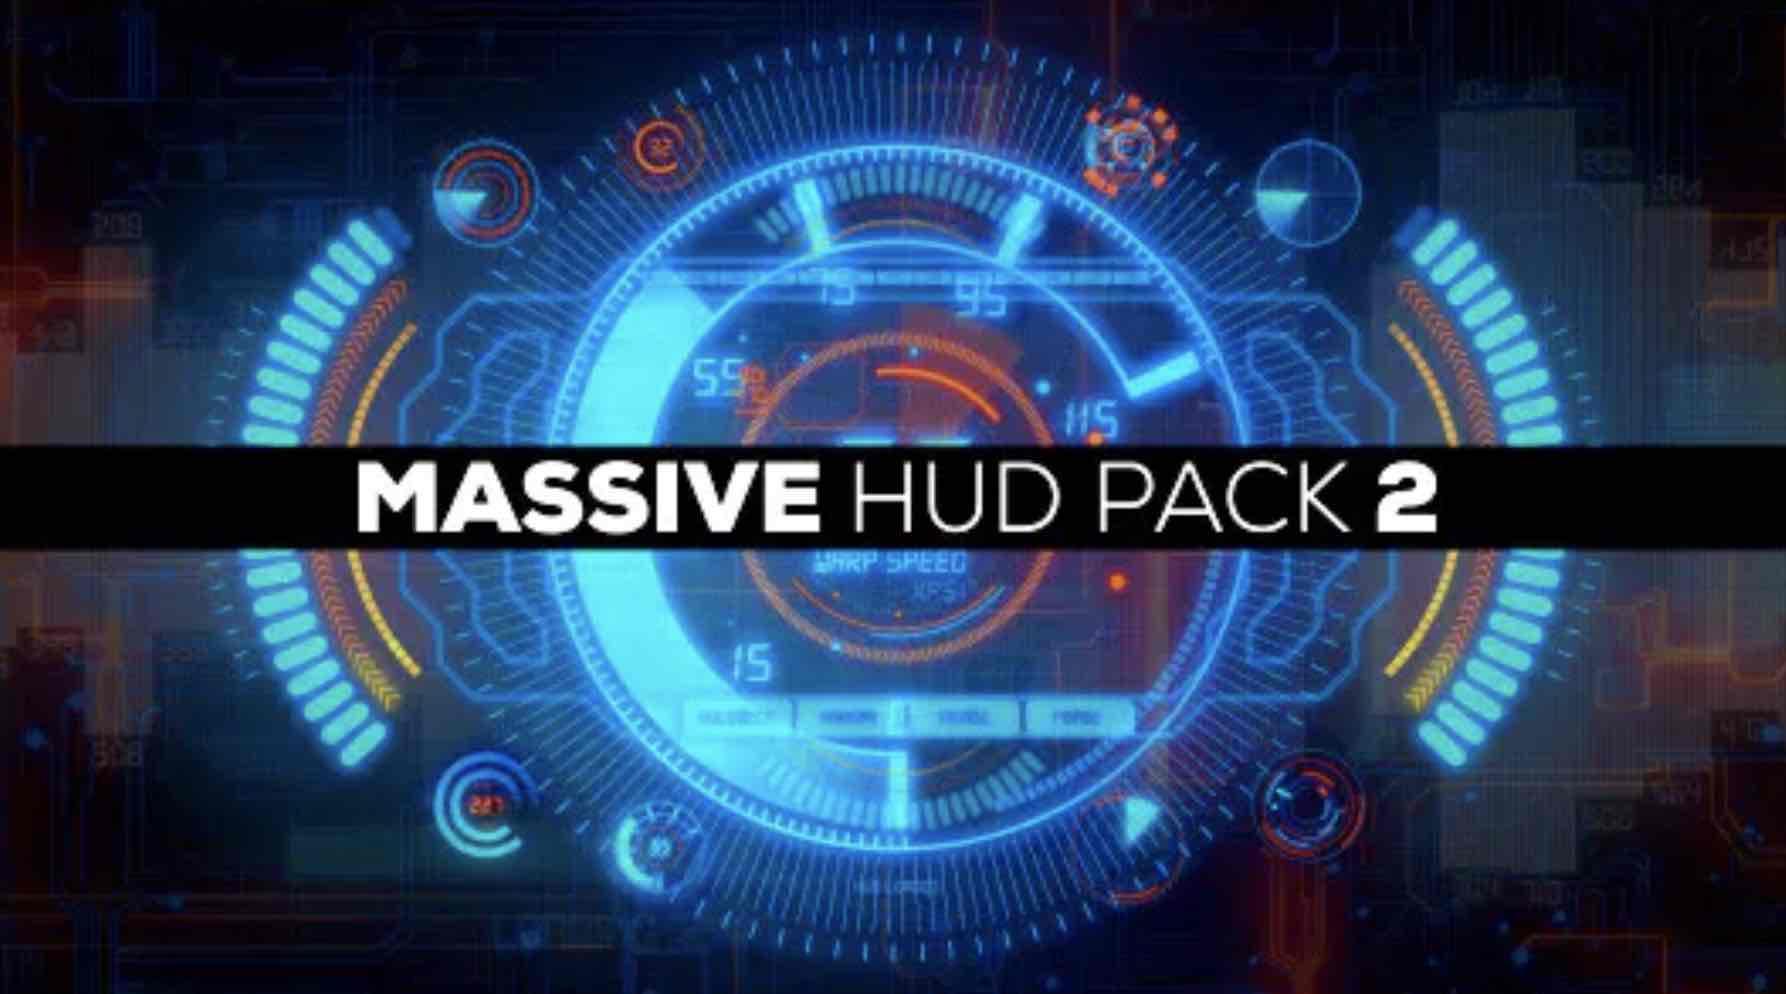 AE模板-大型Hud包2